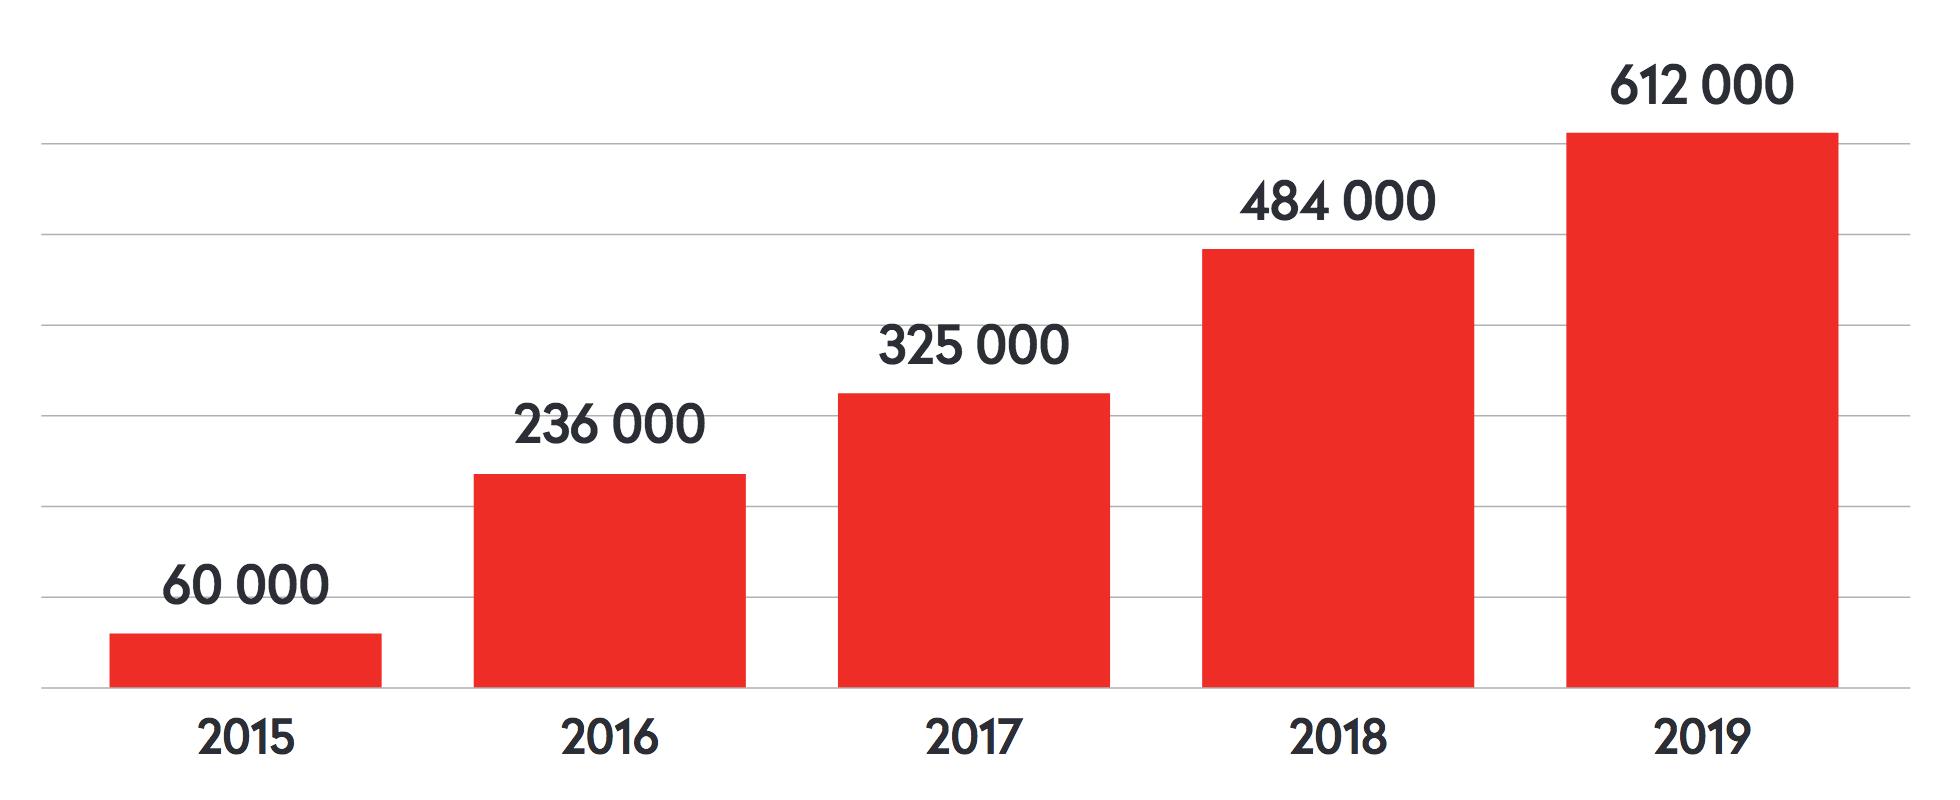 Évolution des vues journalières sur les réseaux sociaux © Site+app : Comscore (2015-2018) / Mapp Intelligence (2019) ; réseaux sociaux : Quintly